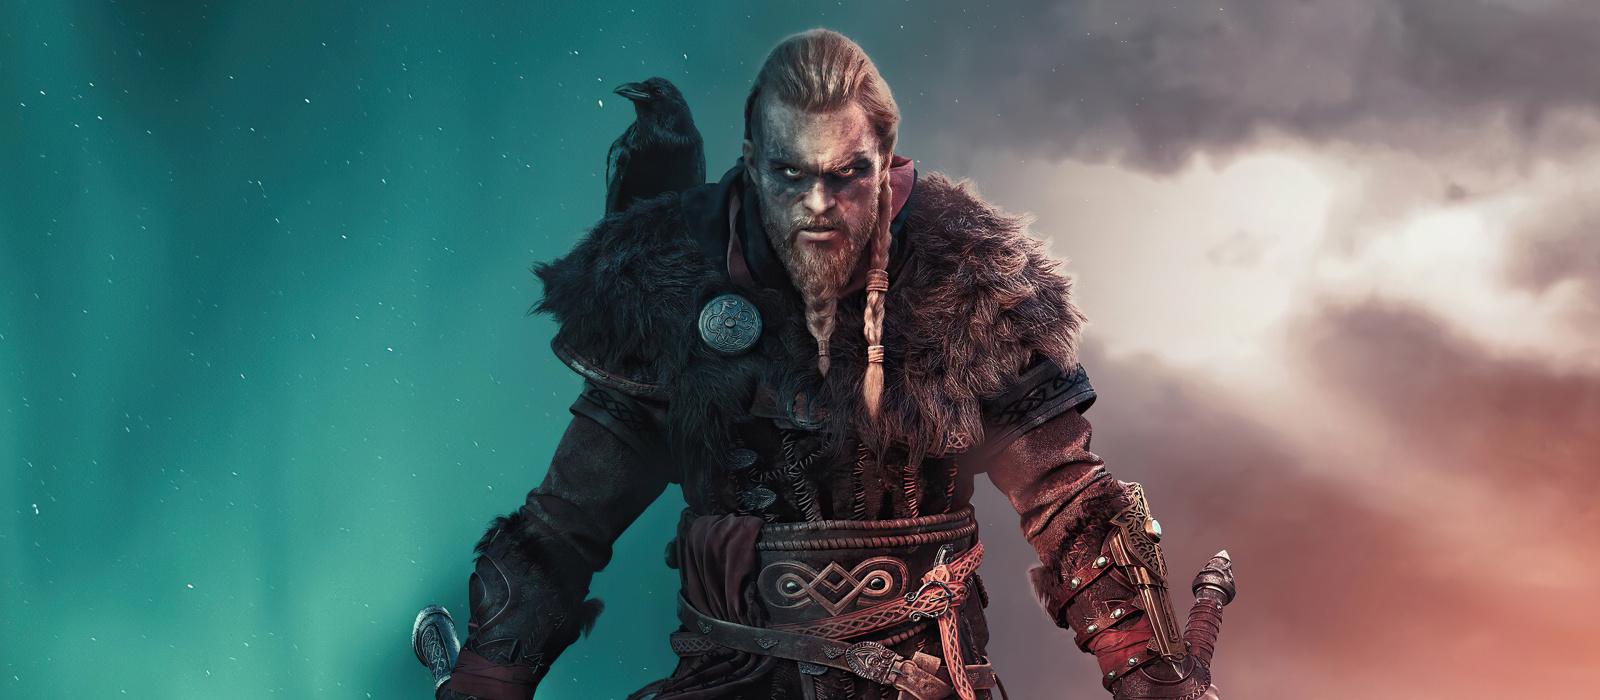 Das nächste Assassin's Creed, Starfields genaues Erscheinungsdatum, Überraschung von Ubisoft – Einblicke von Jason Schreier